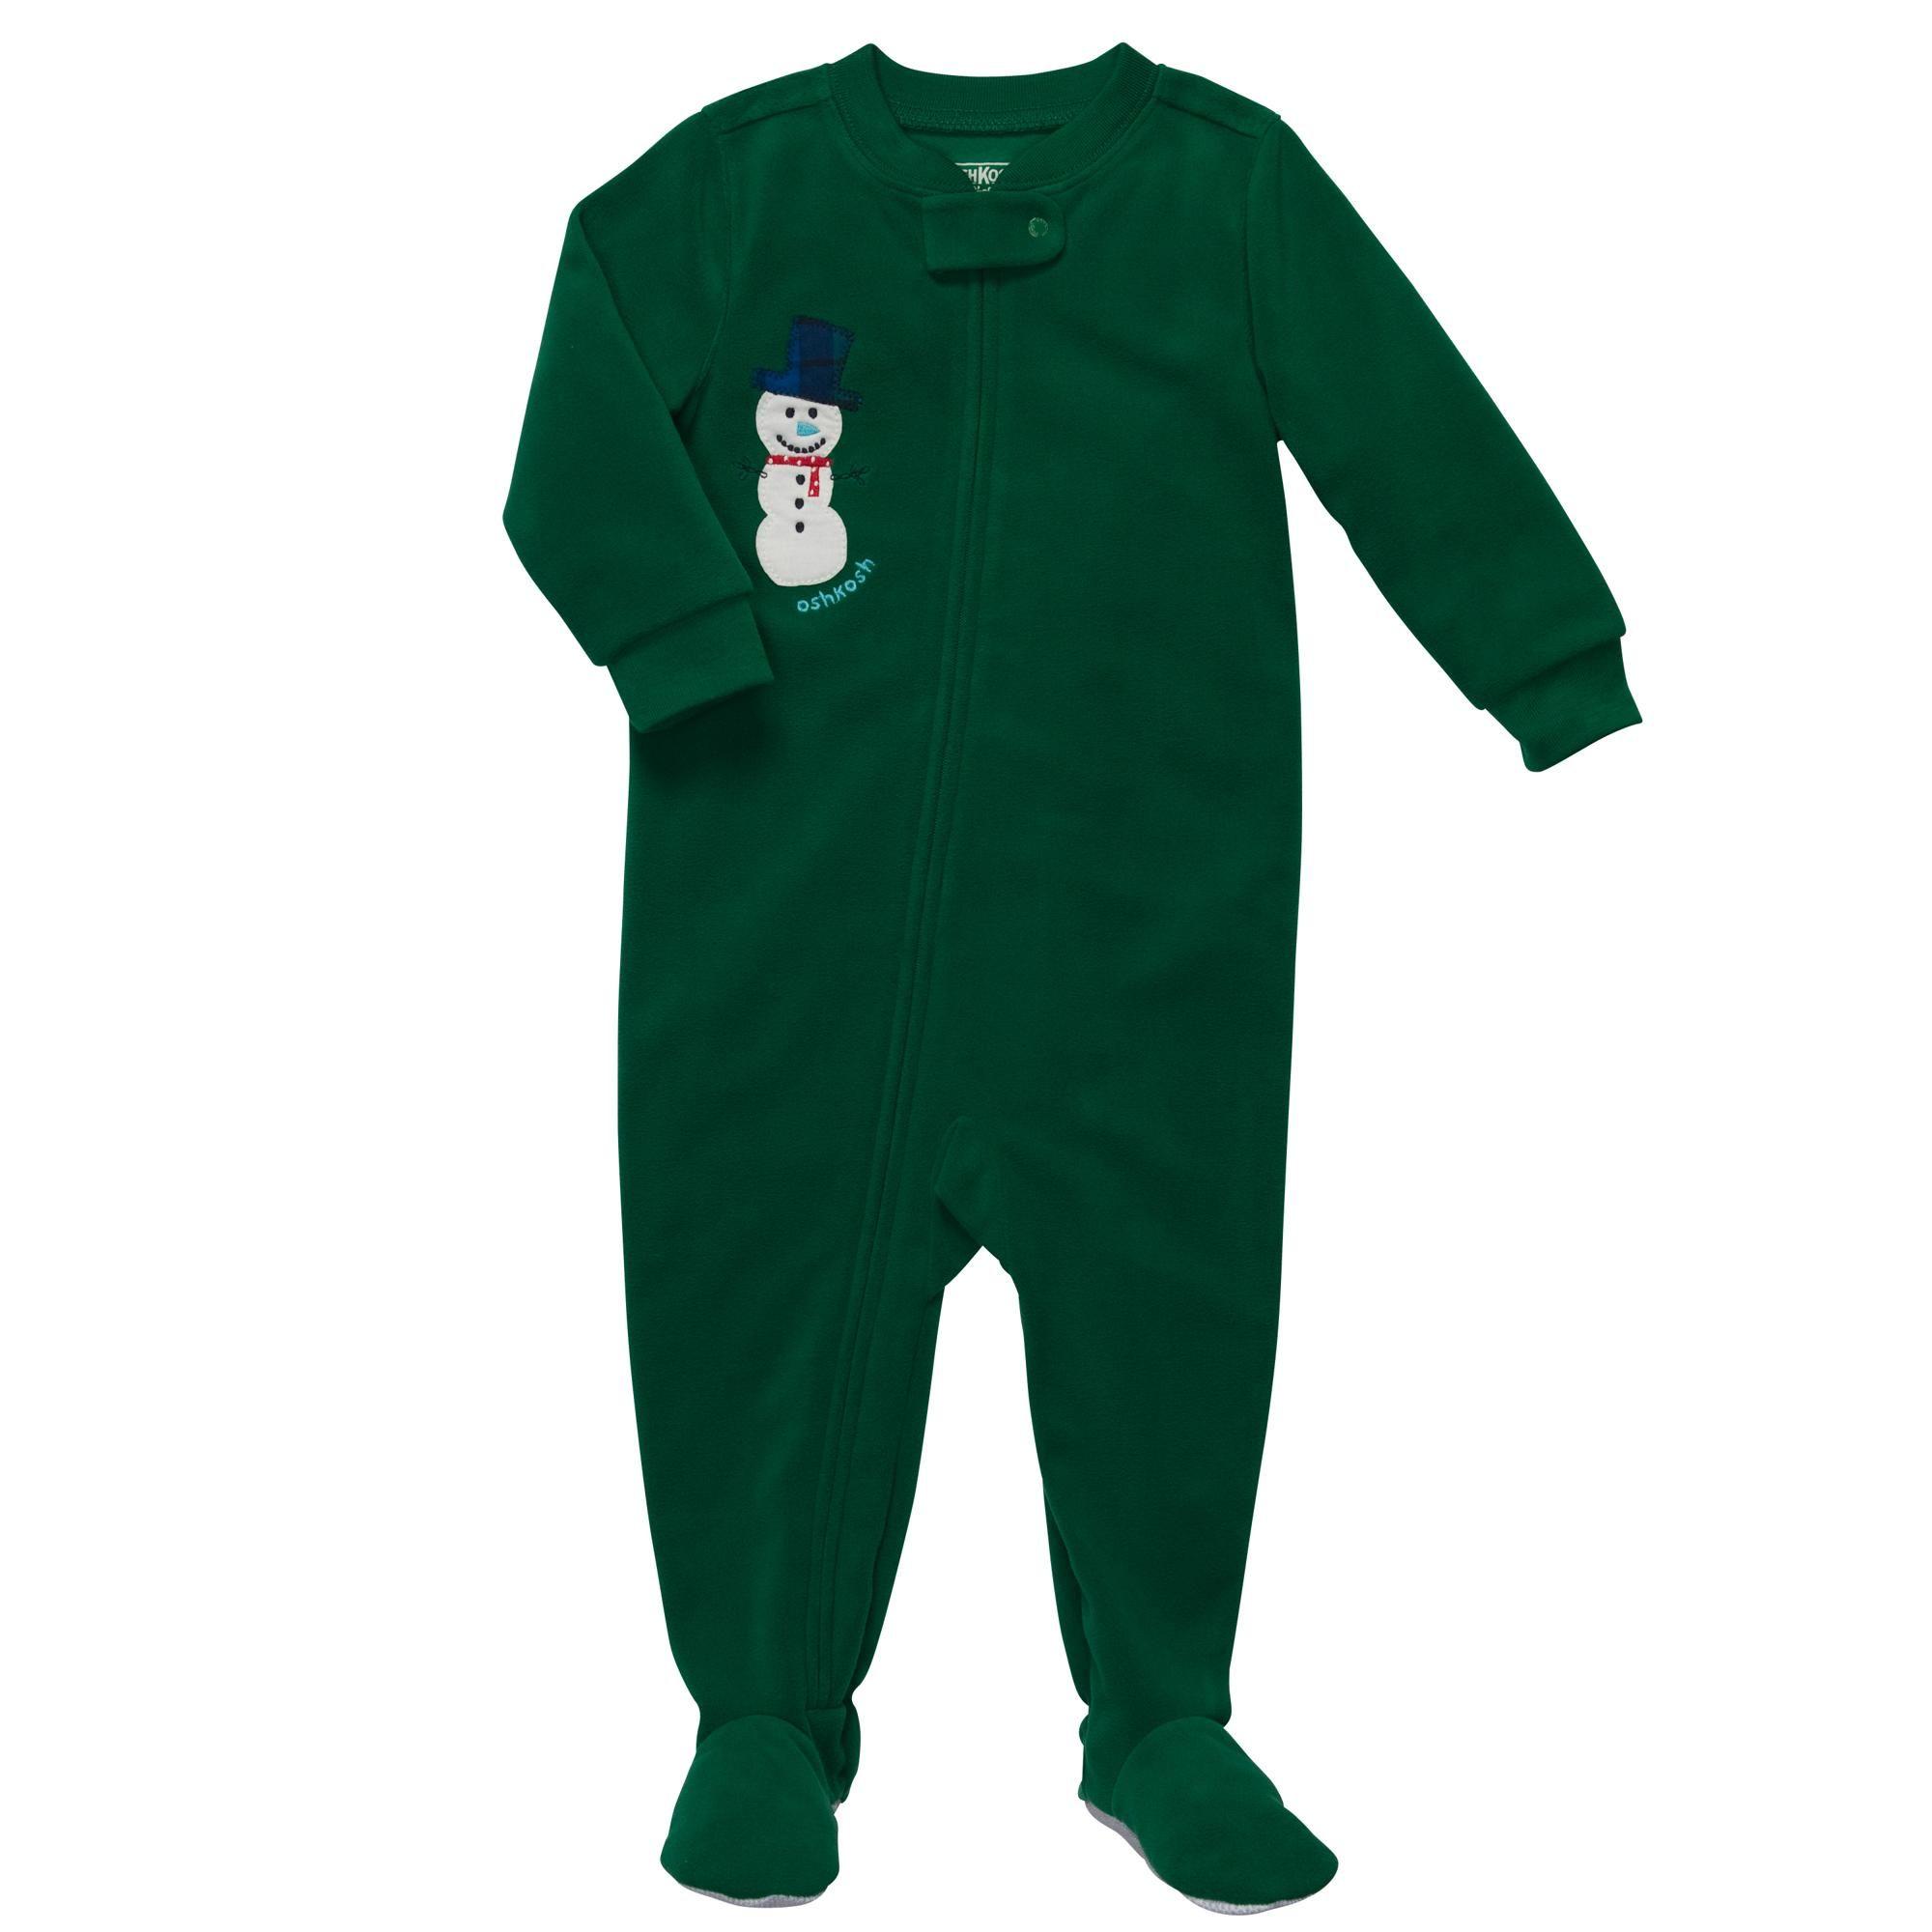 feetie pajamas bear pajamas